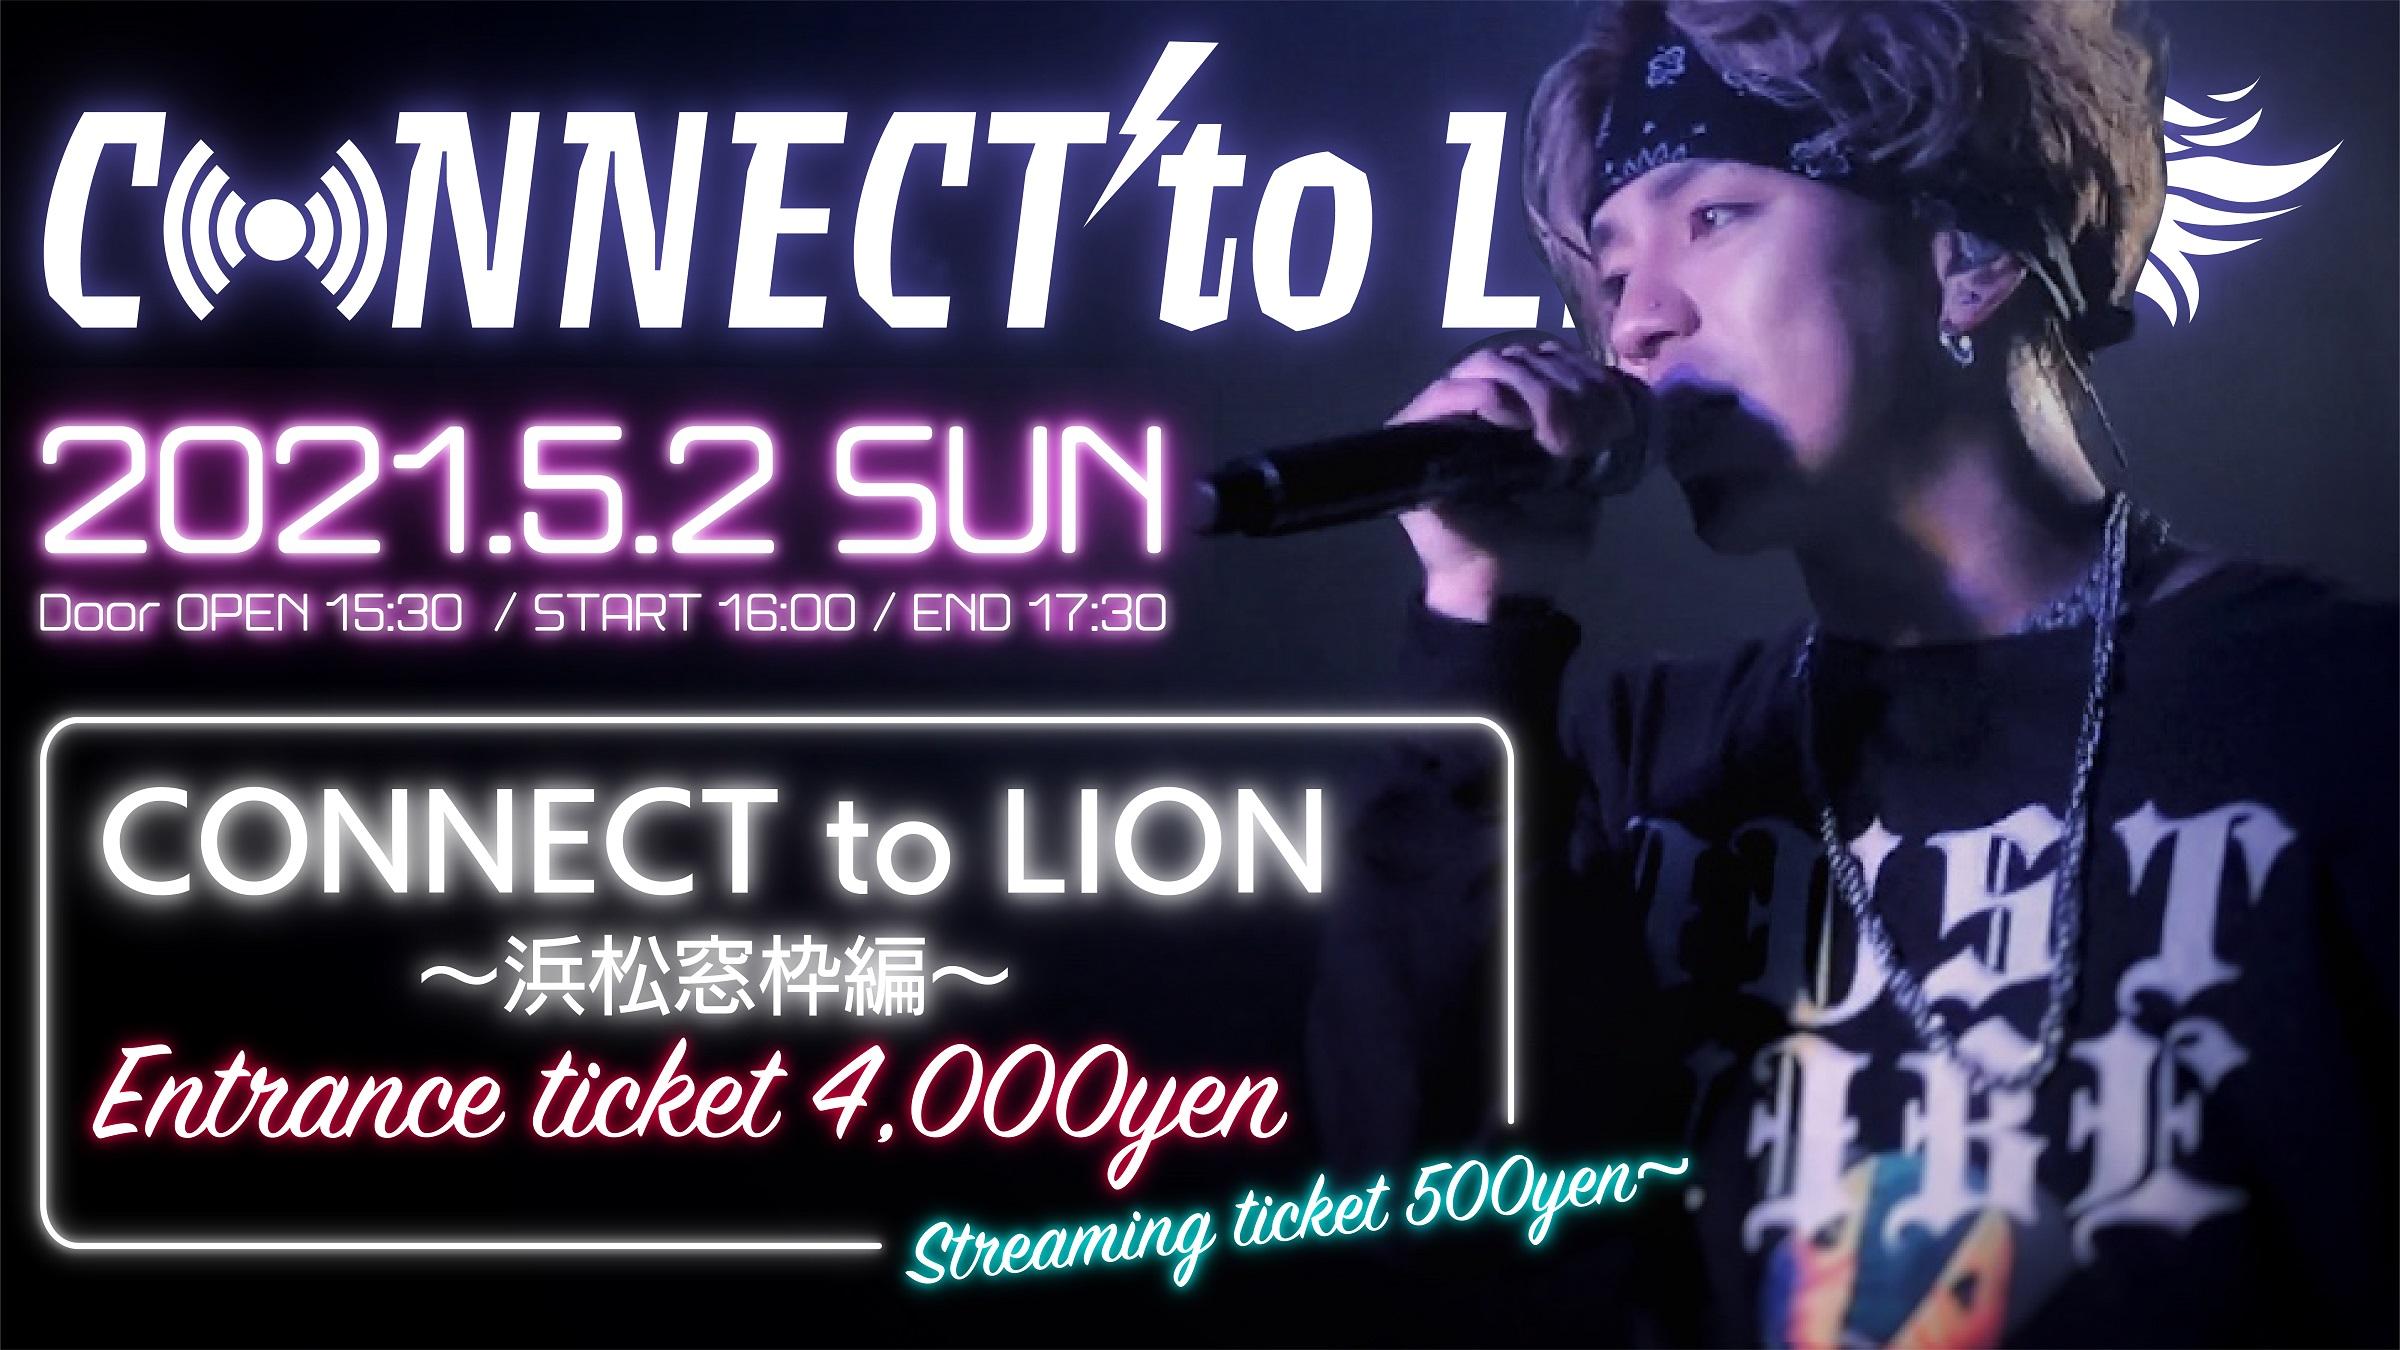 【有観客チケット】けいたろう ワンマンライブ「CONNECT to LION 〜浜松窓枠 編〜」